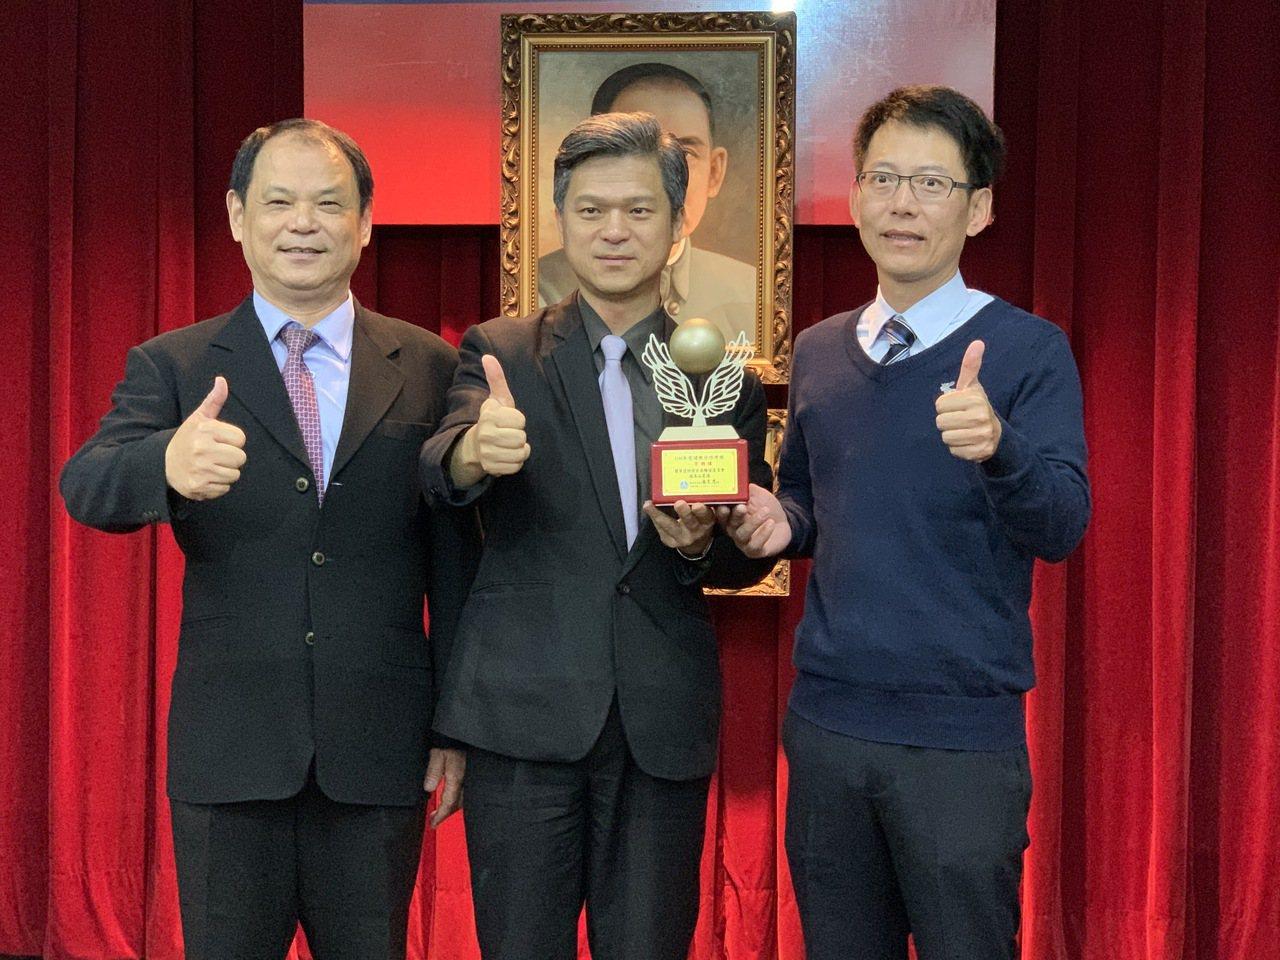 教育部國教署長彭富源(中)頒獎給高英工商校長陳德松(左)及廠商。圖/高英工商提供